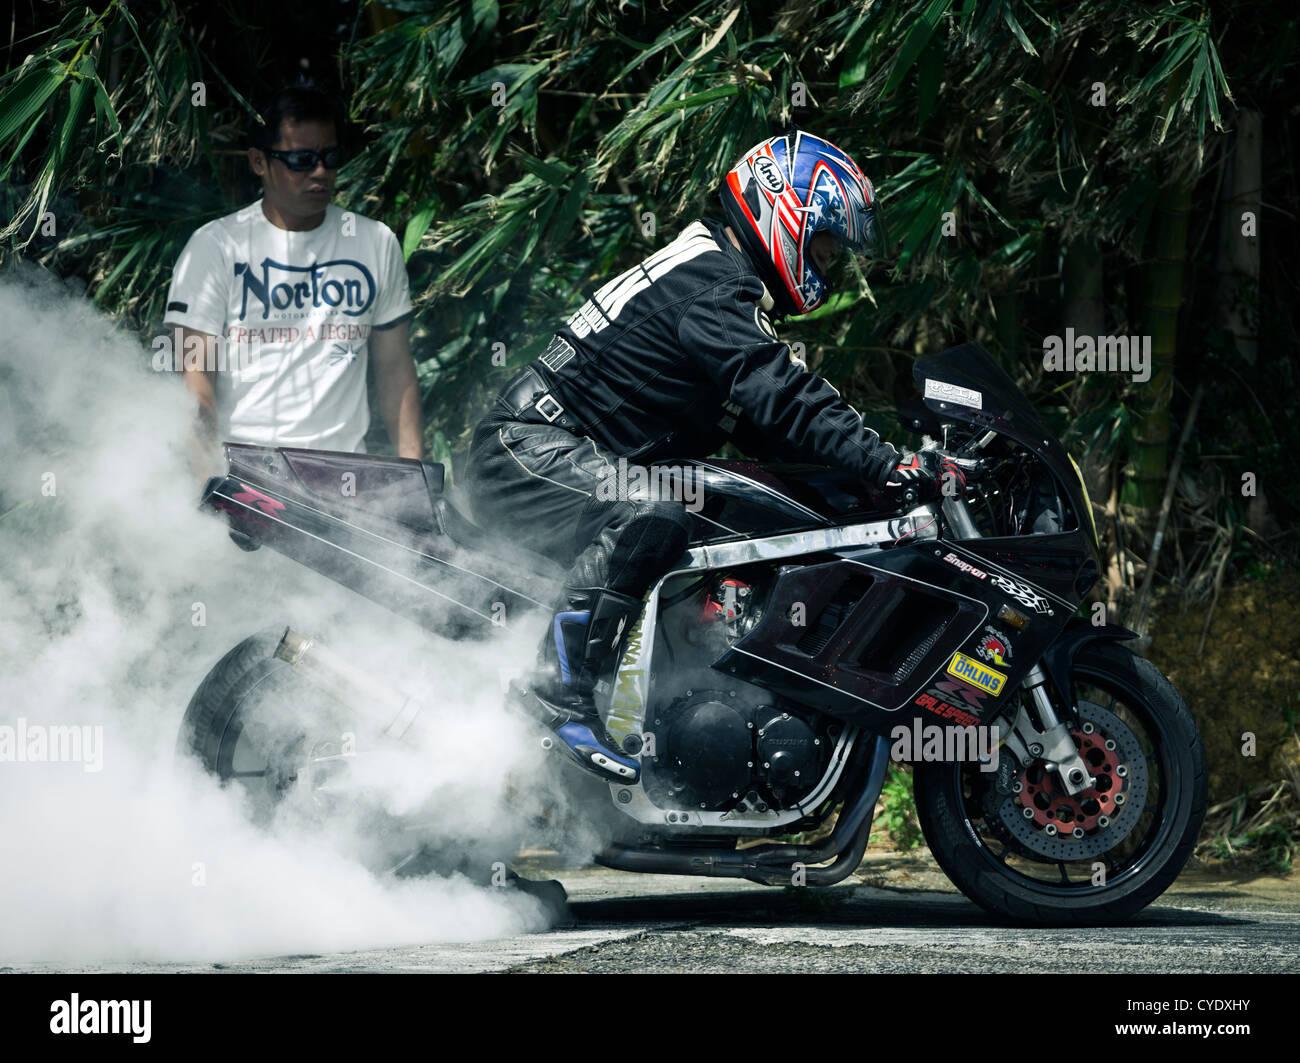 Motorbike smoking rear tire burnout. - Stock Image